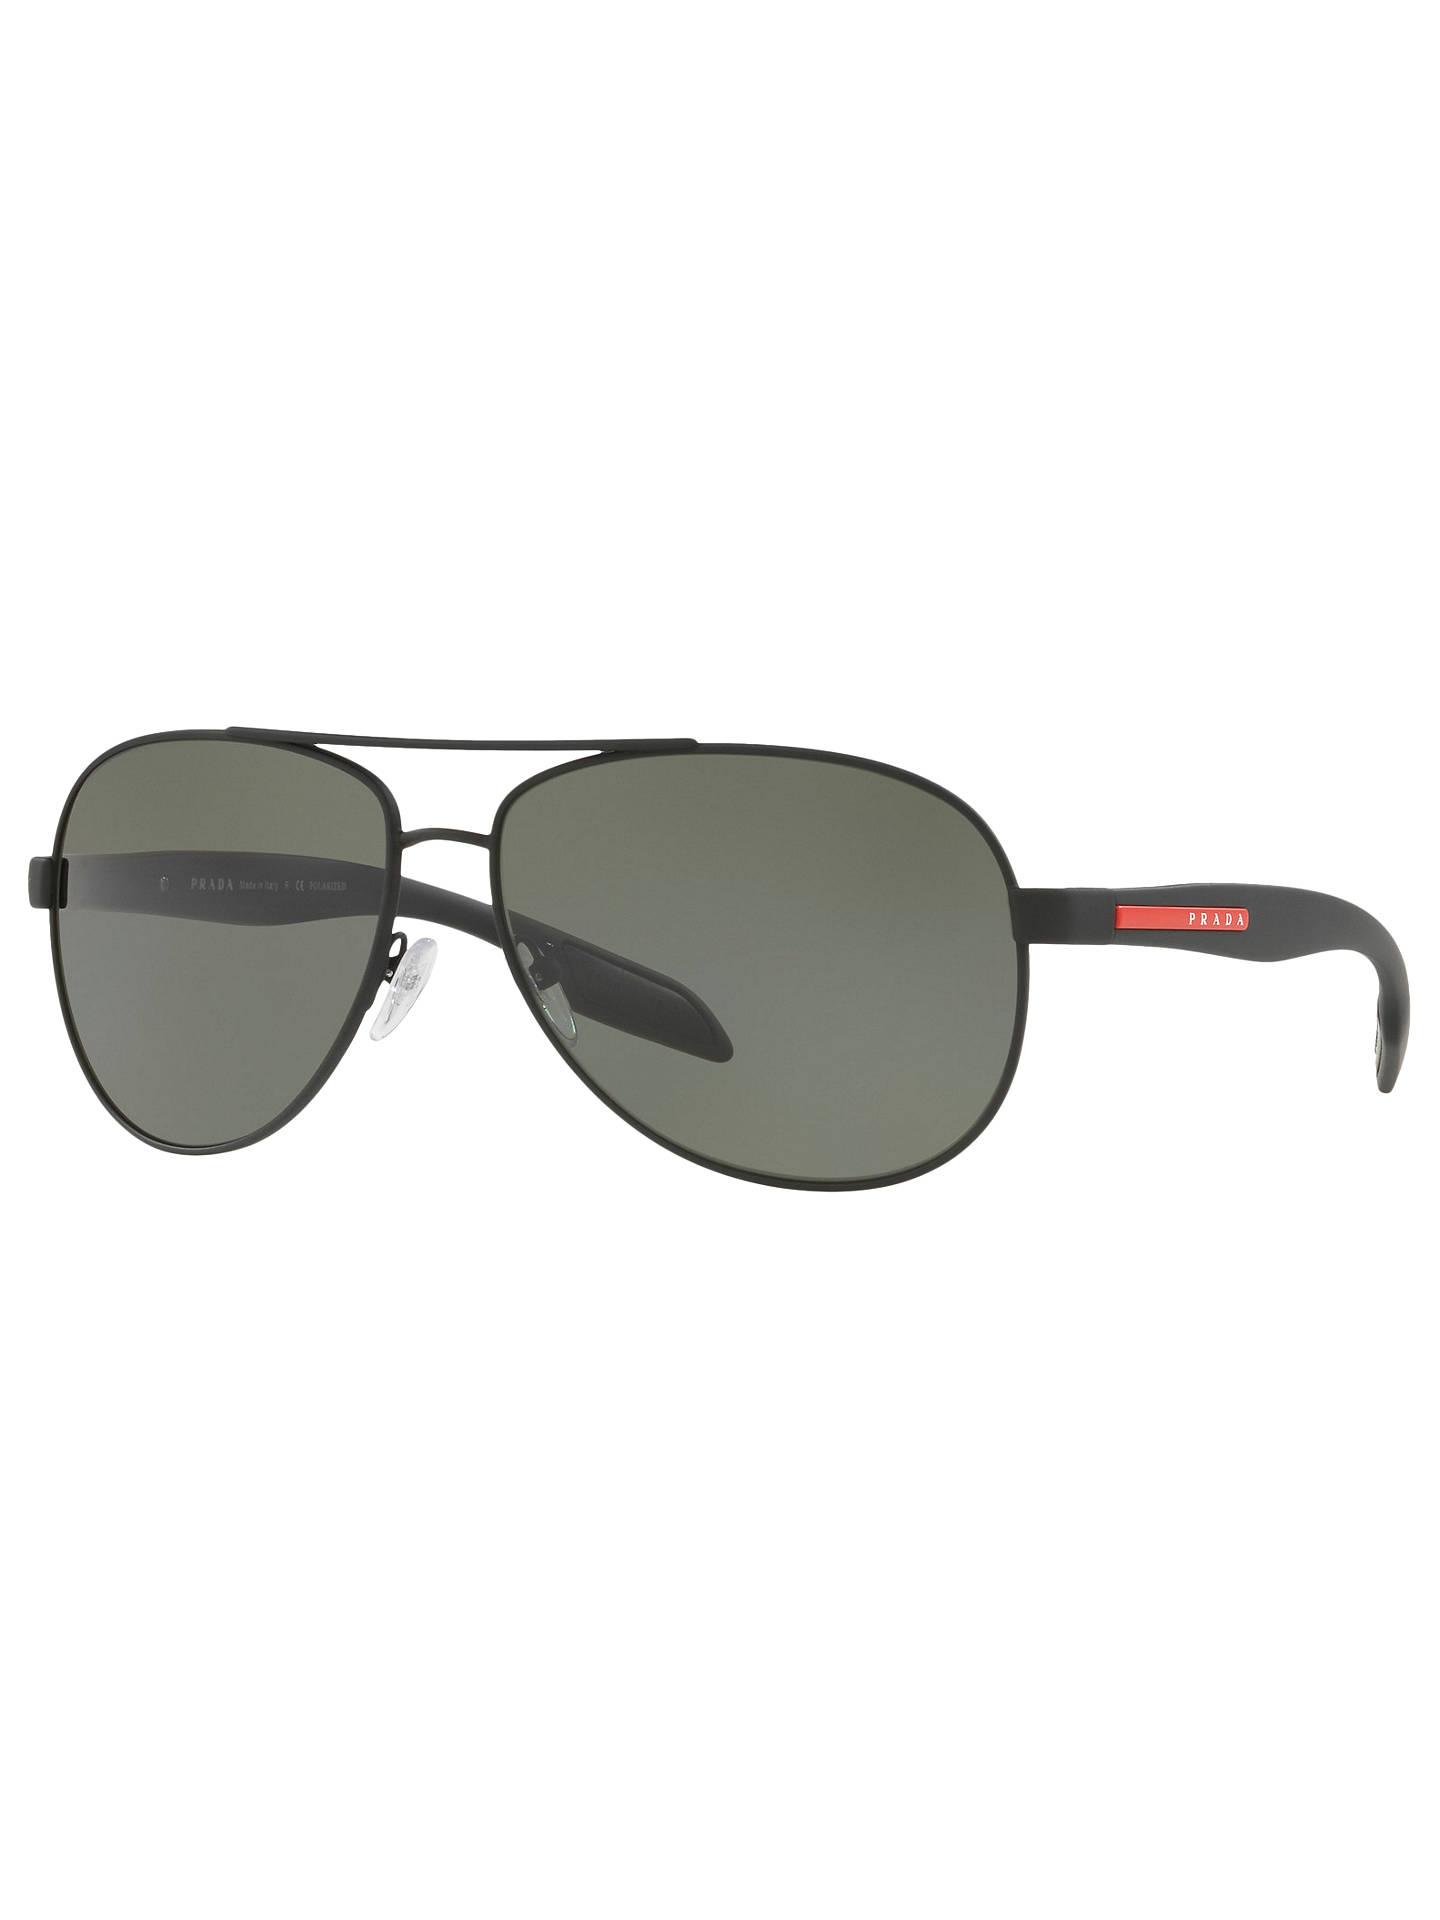 dccf6fe380 Prada Linea Rossa Silver Ps 53ps Benbow Pilot Sunglasses